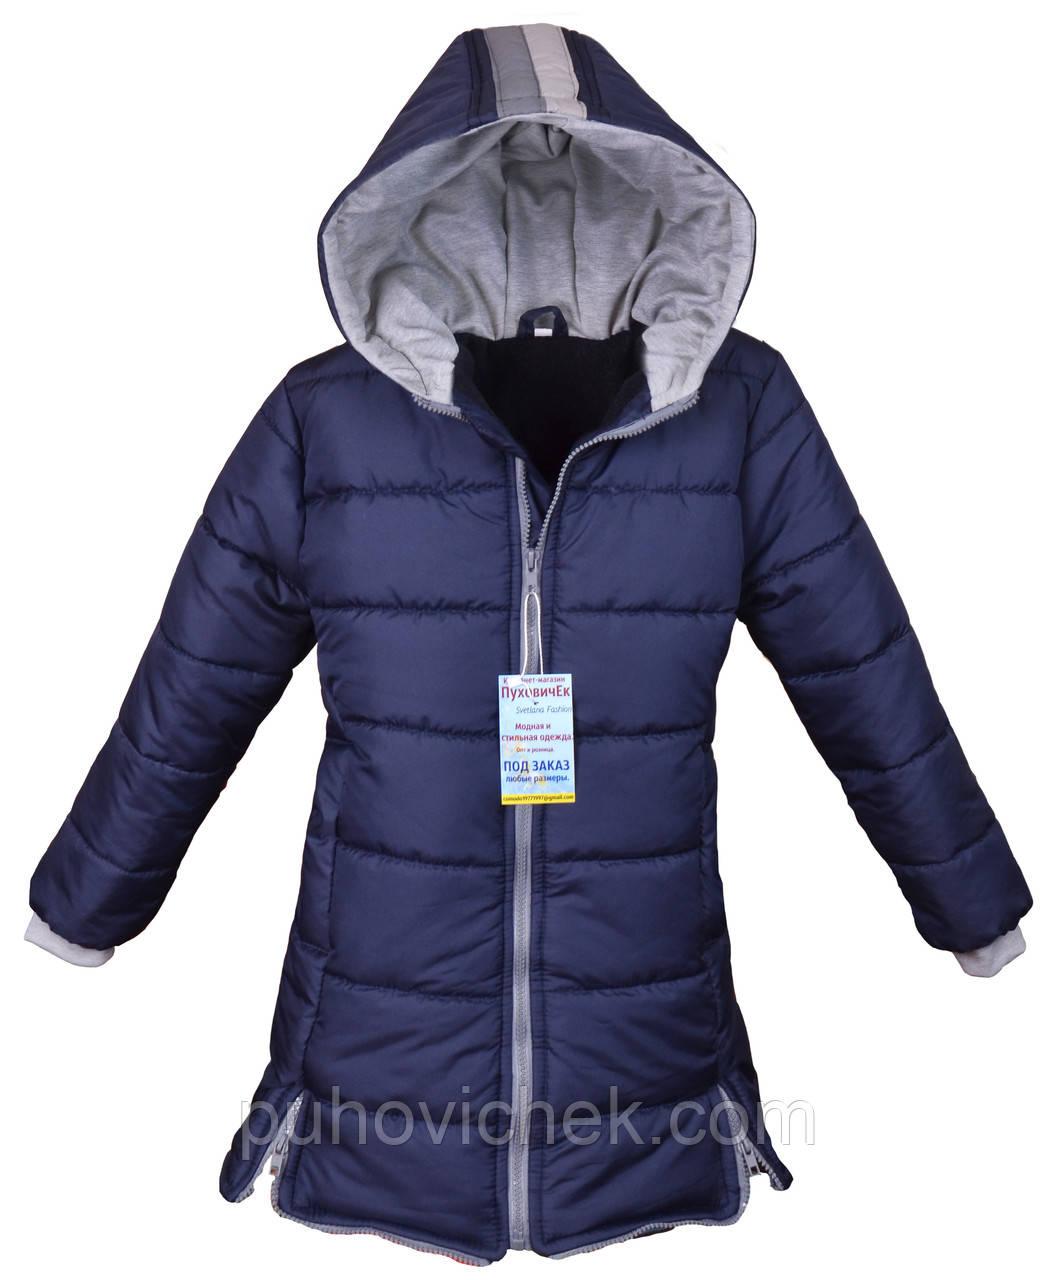 Детская куртка для девочки легкая